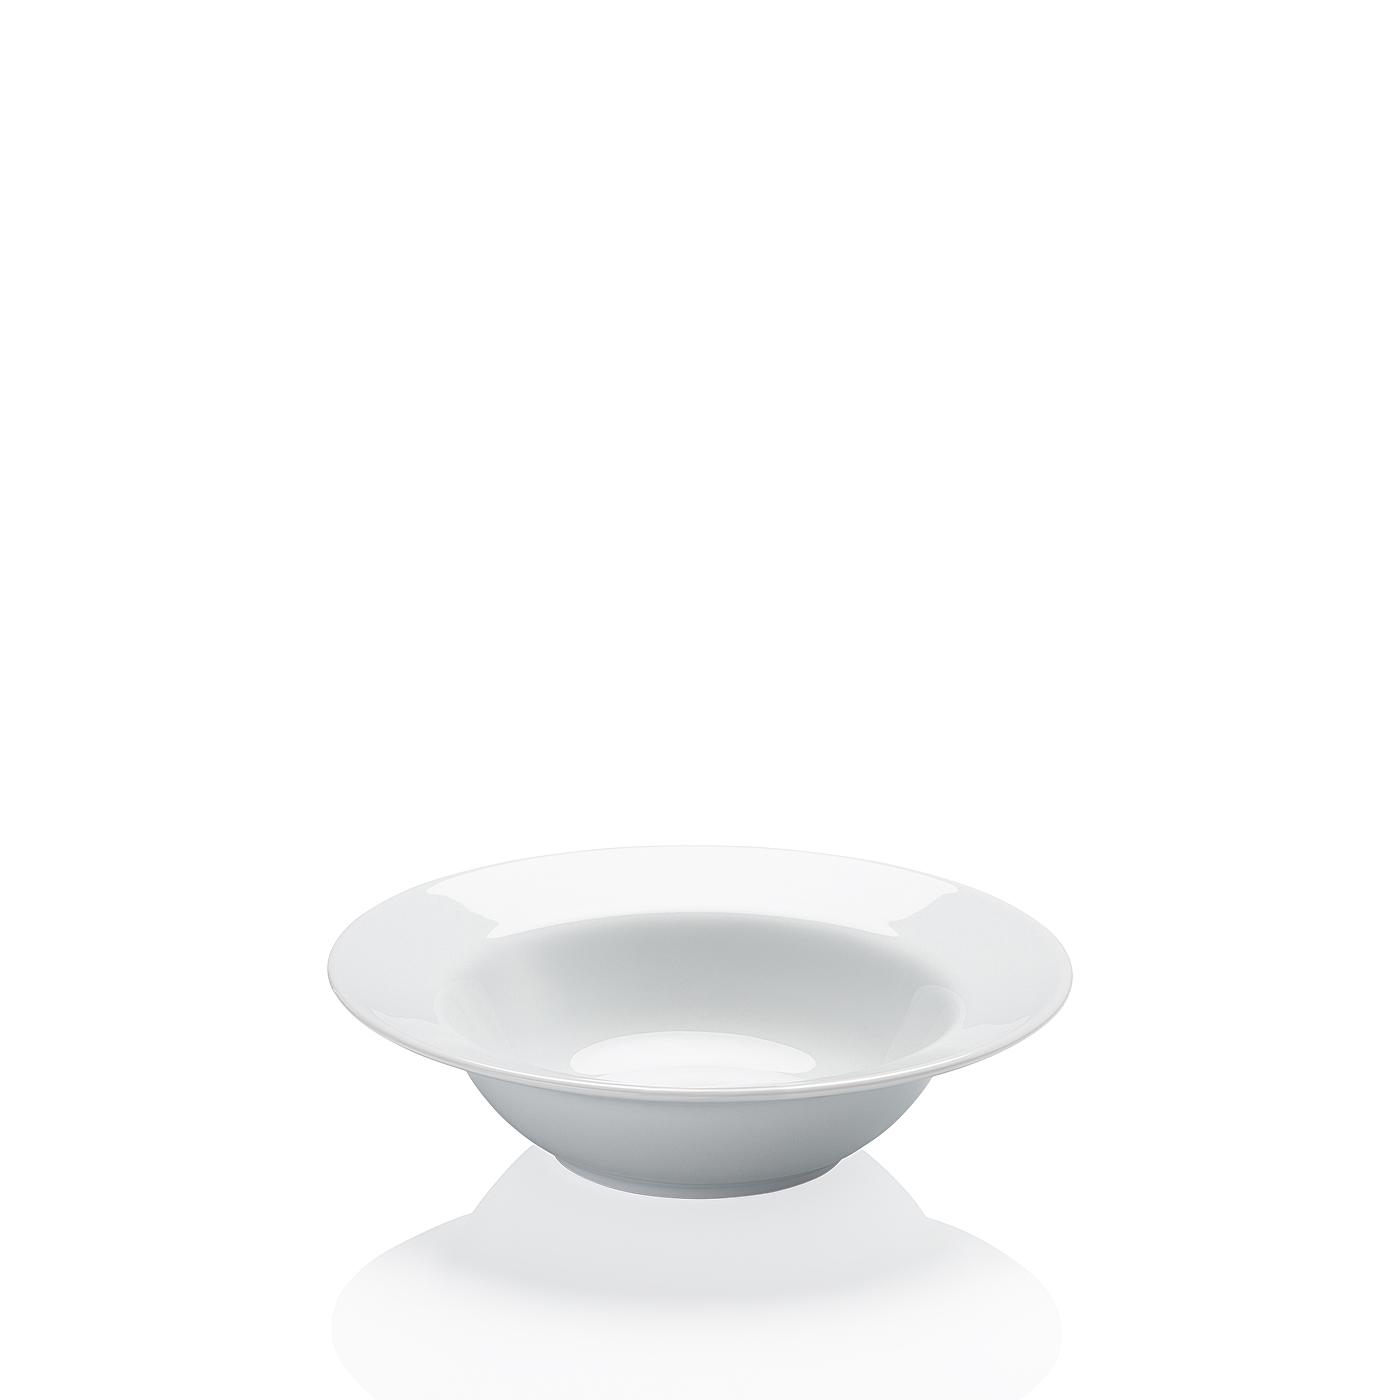 Schale 20 cm Cucina Bianca Arzberg